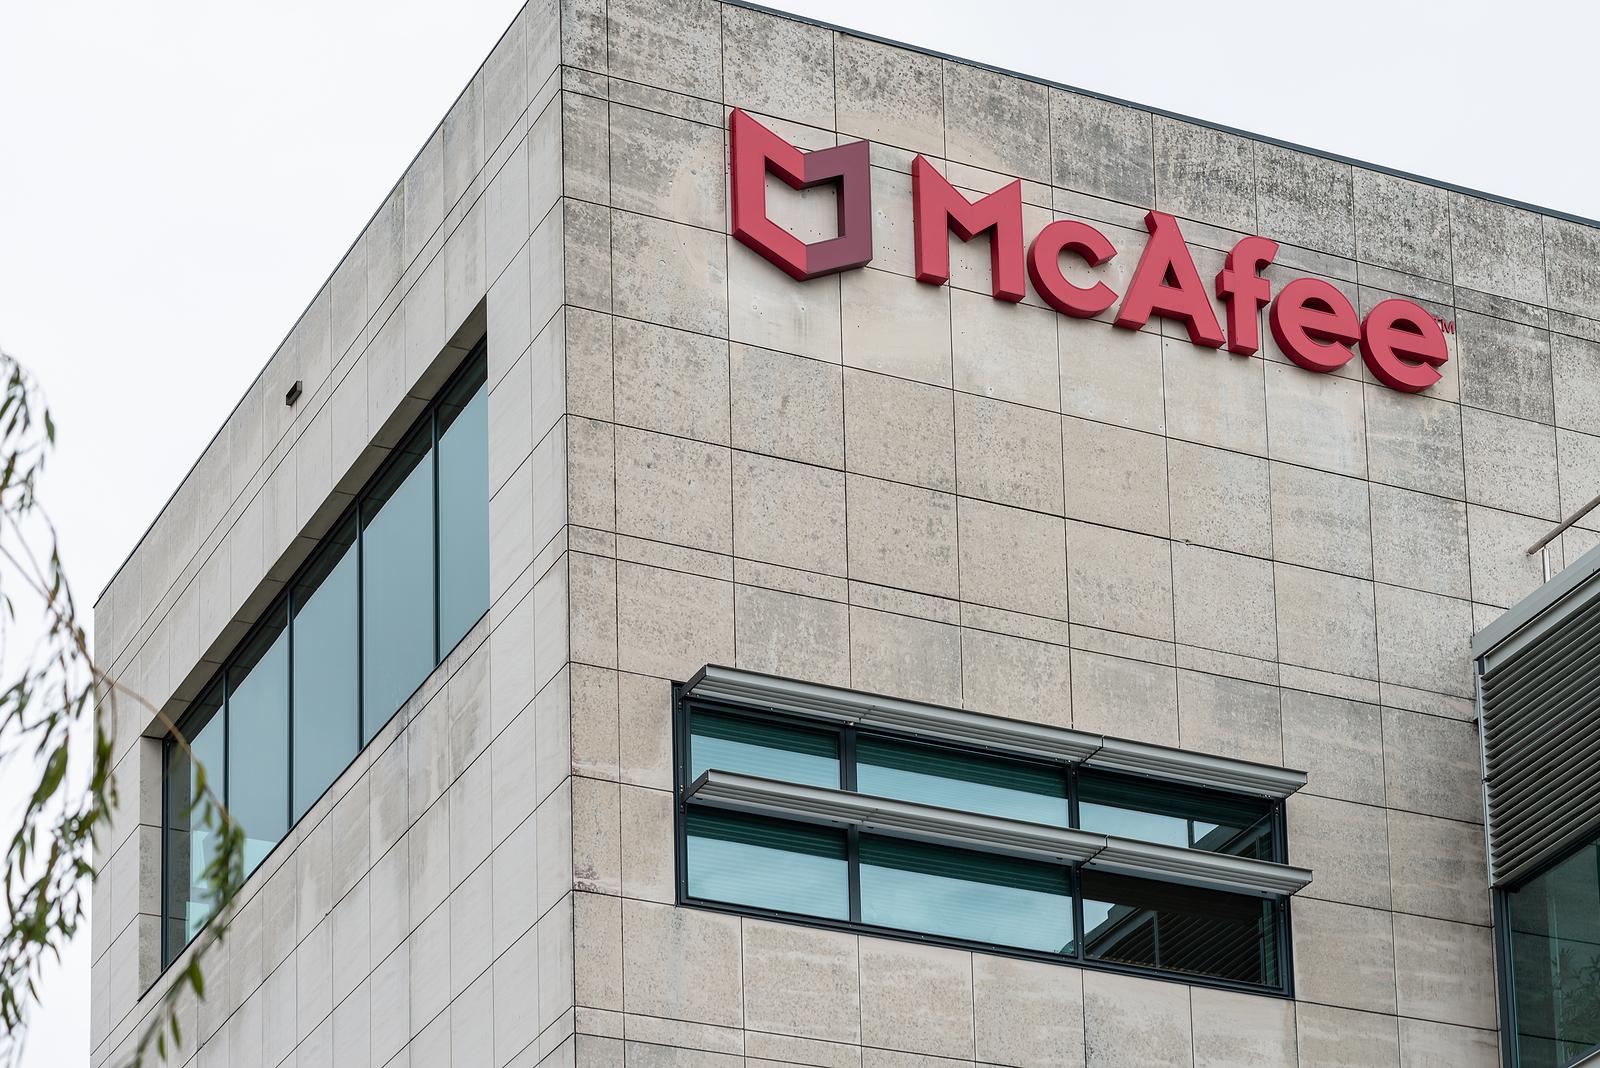 McAfee MCFE stock news and analysis